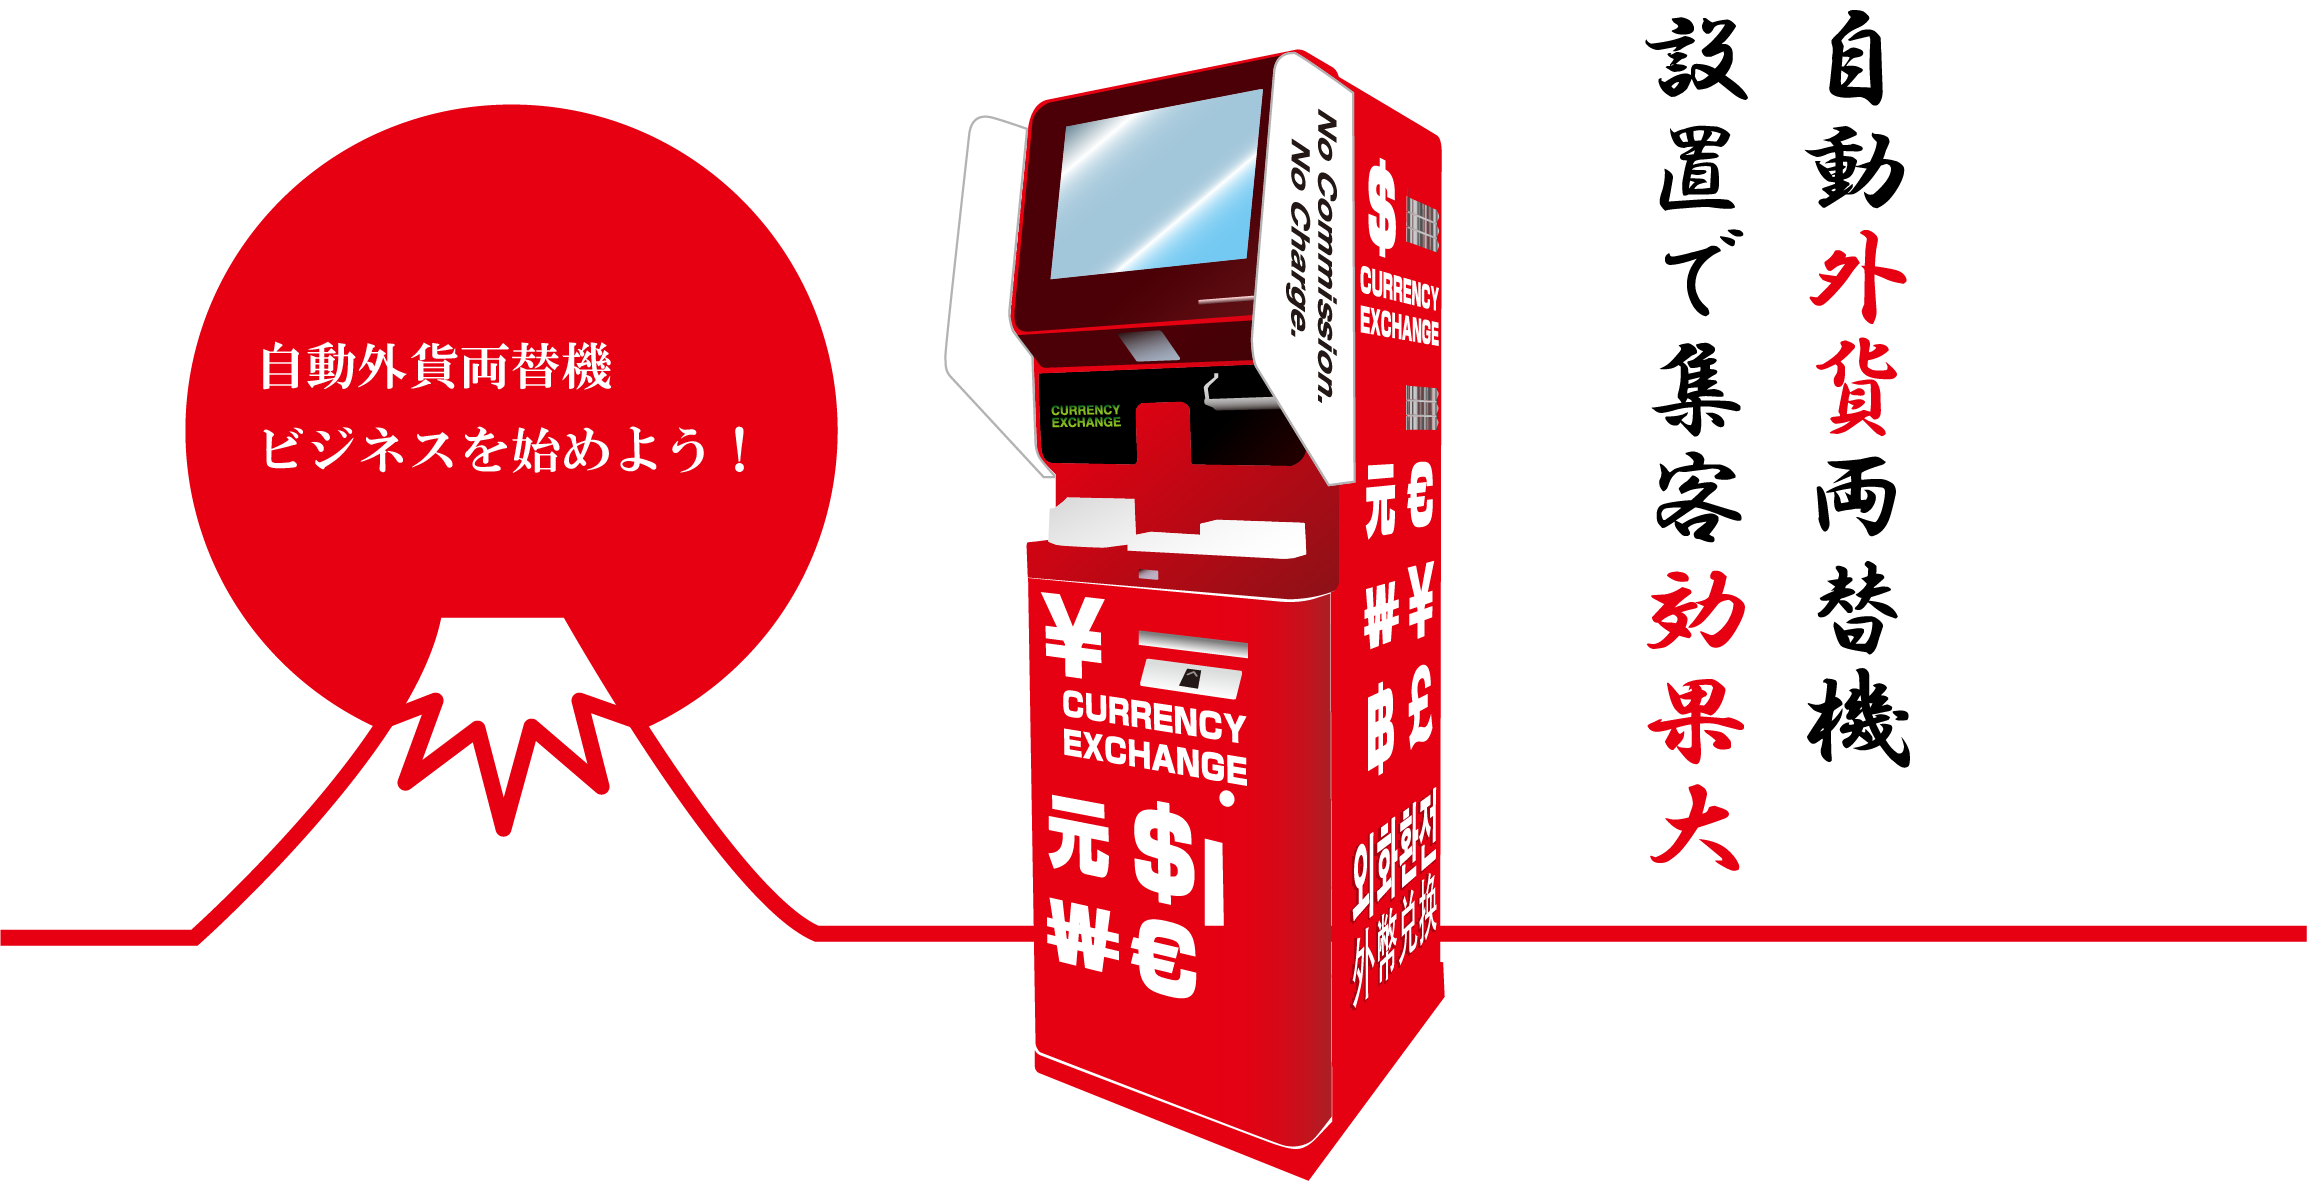 「自動外貨両替機サービス」トップイメージ